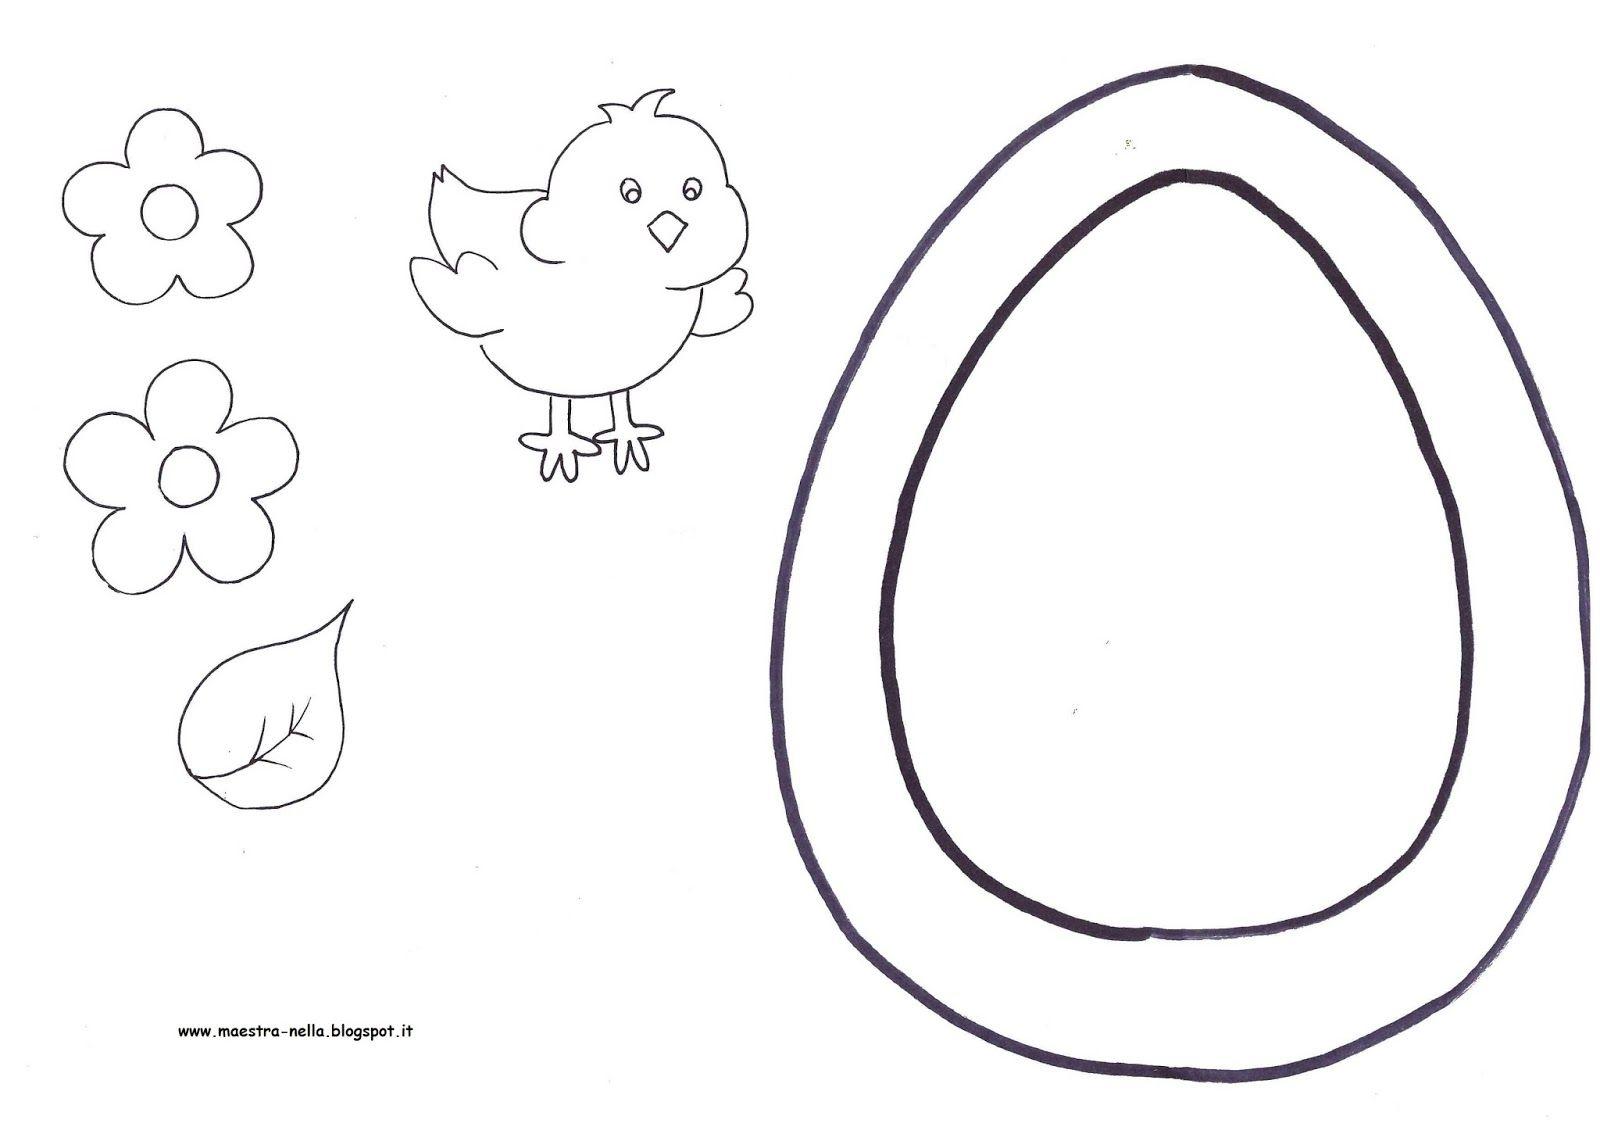 Disegni idee e lavoretti per la scuola dell 39 infanzia e - Modello di uovo stampabile gratuito ...